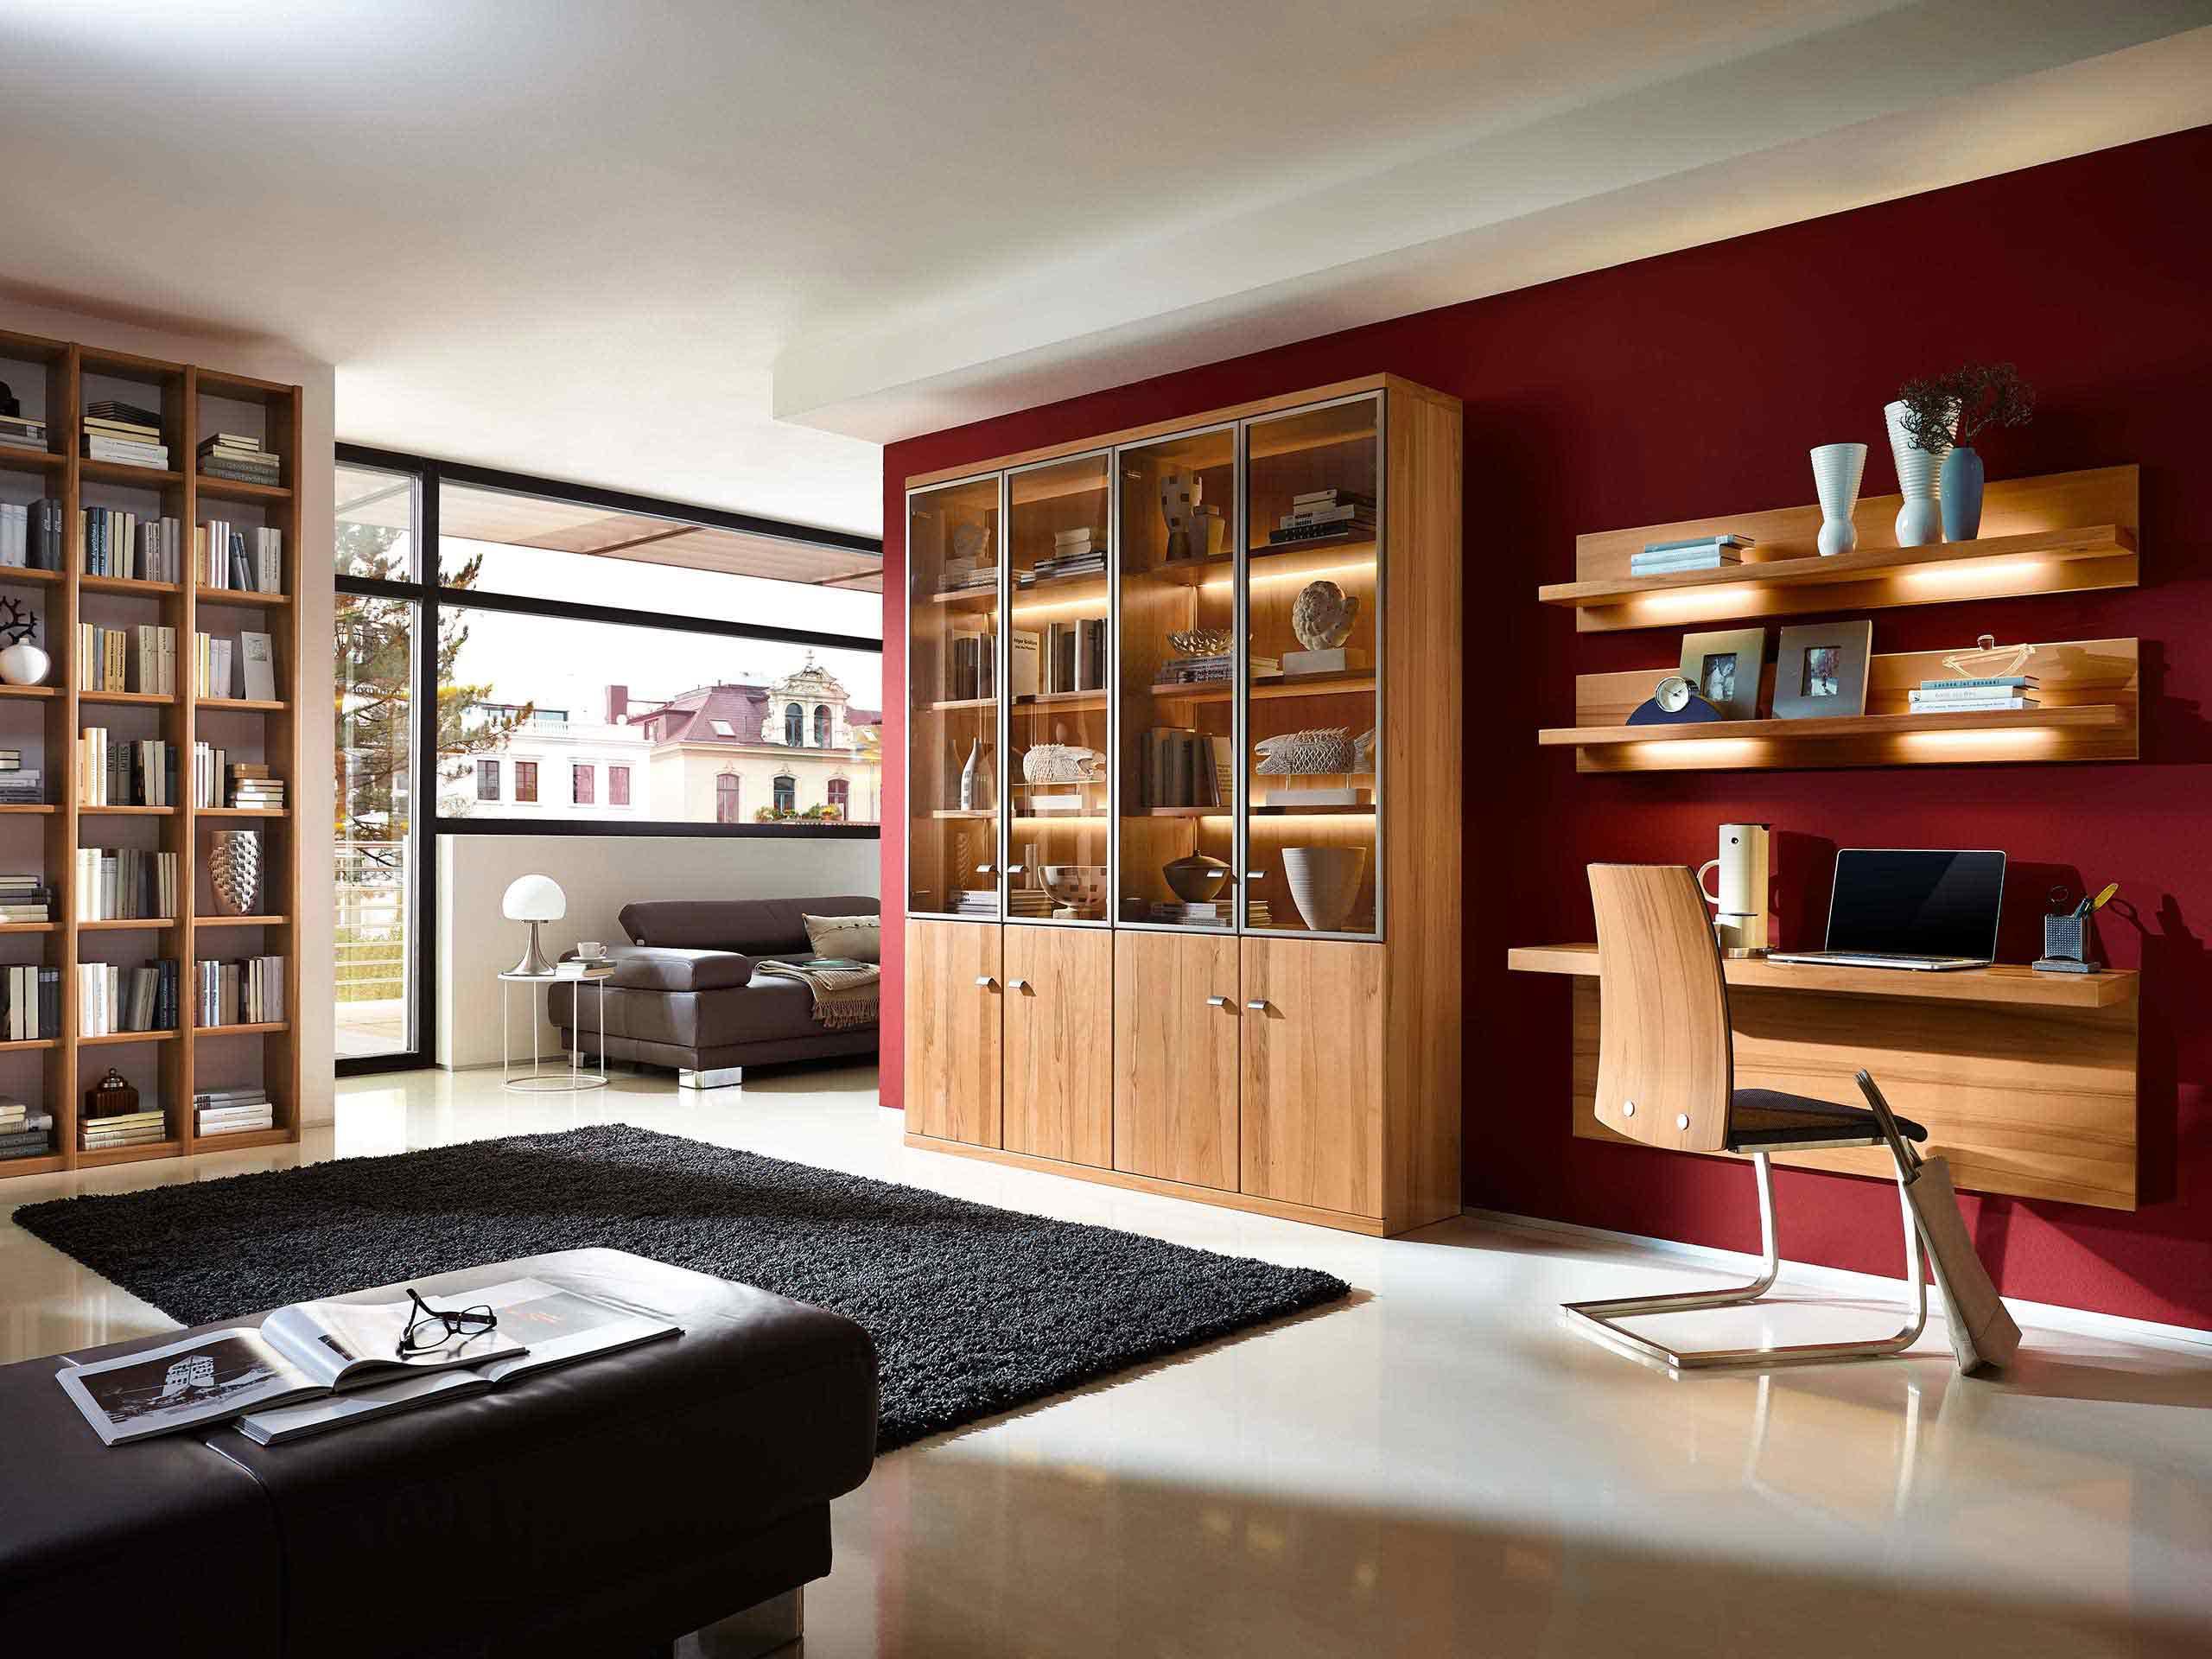 kleine wohnmöbel lösungen kleine balkone cento ist bis ins kleinste detail durchdacht sodass neben lösungen für viel stauraum auch kleine wie einem an der wand hängenden arbeitsplatz cento möbel wohnzimmer rmwwohnmöbelde